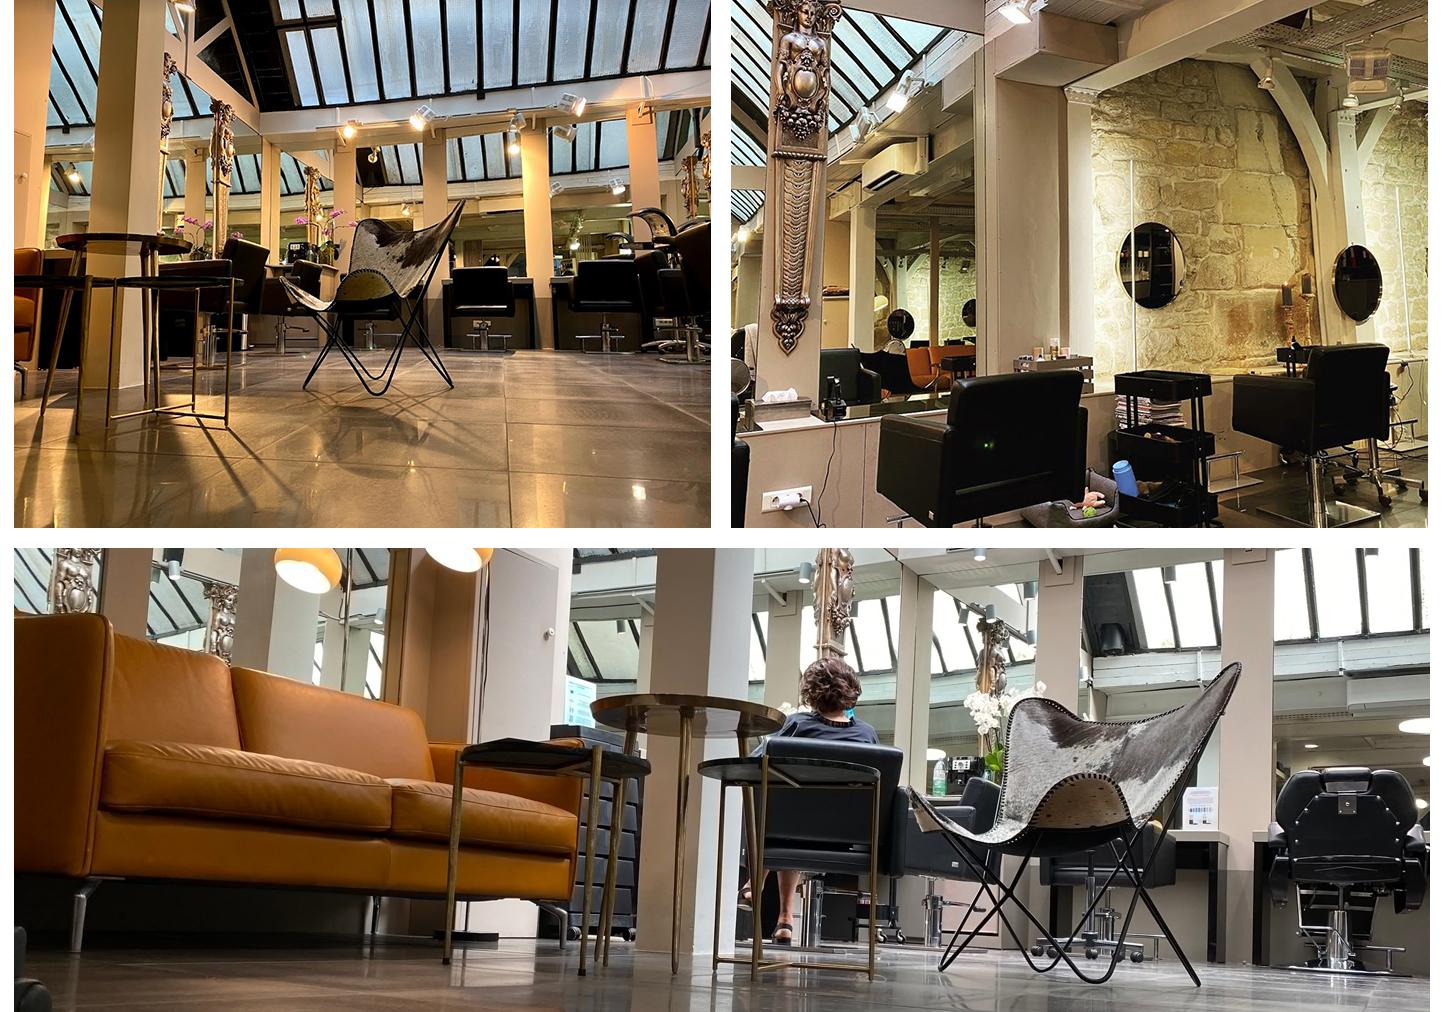 Salon de coiffure mixte à Saint-Germain-des-Prés à Paris